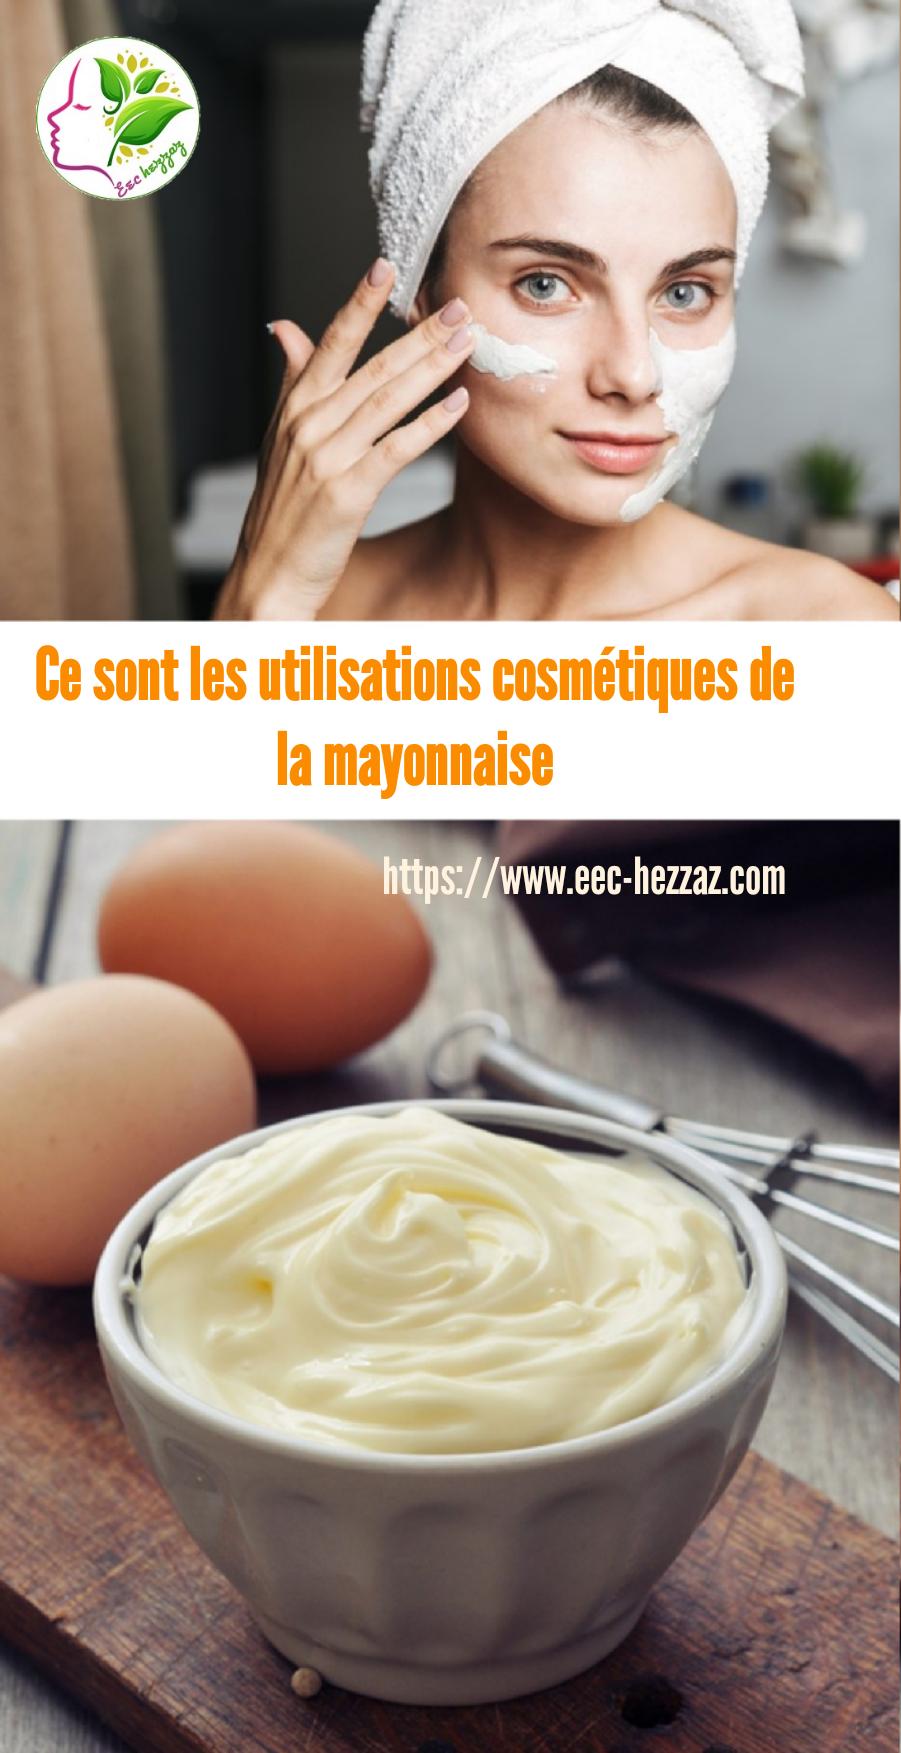 Ce sont les utilisations cosmétiques de la mayonnaise